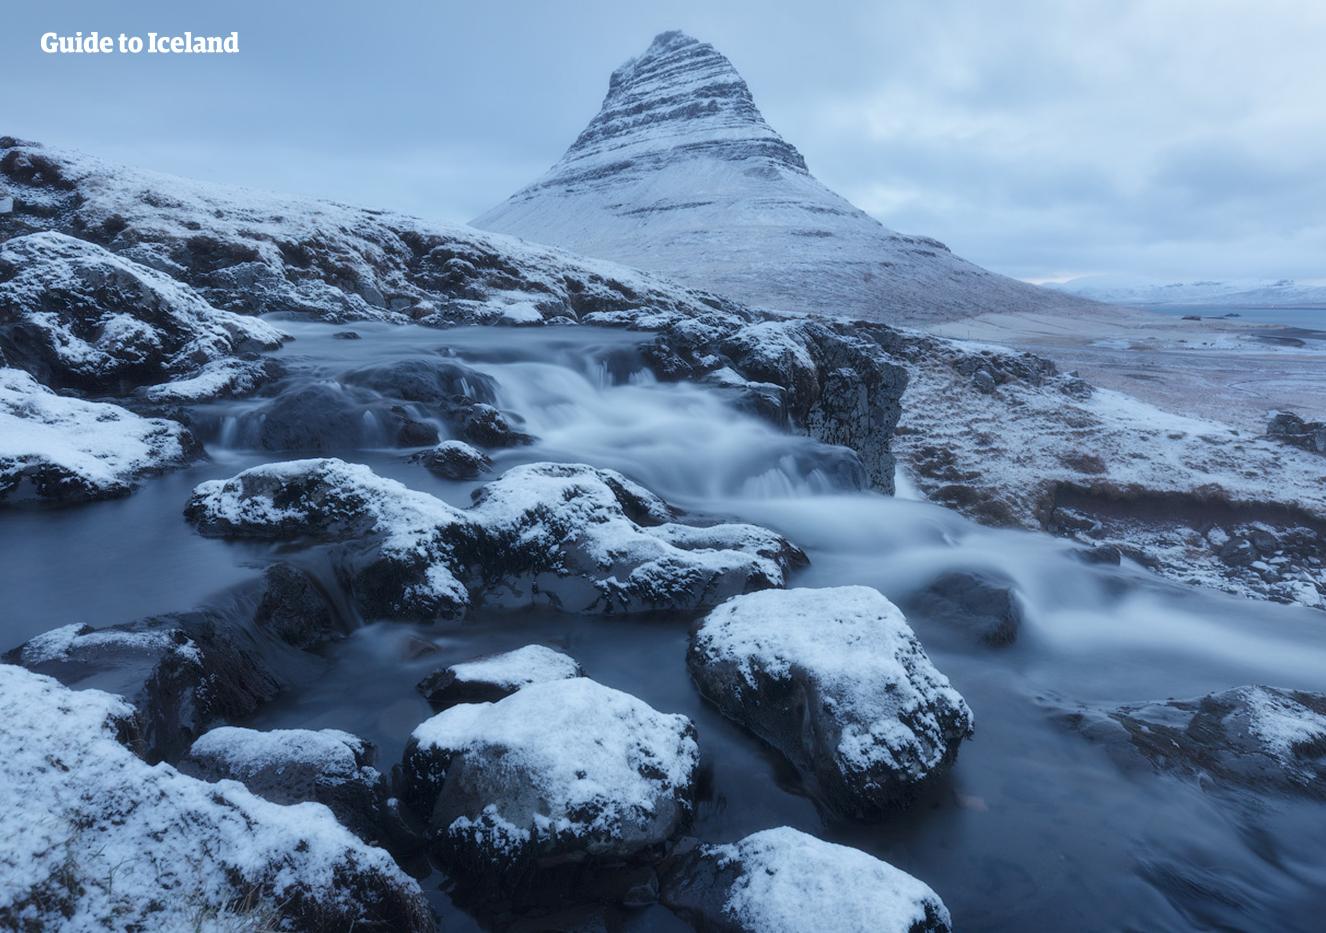 Góra Kirkjufell na półwyspie Snaefellsnes podczas islandzkiej zimy.